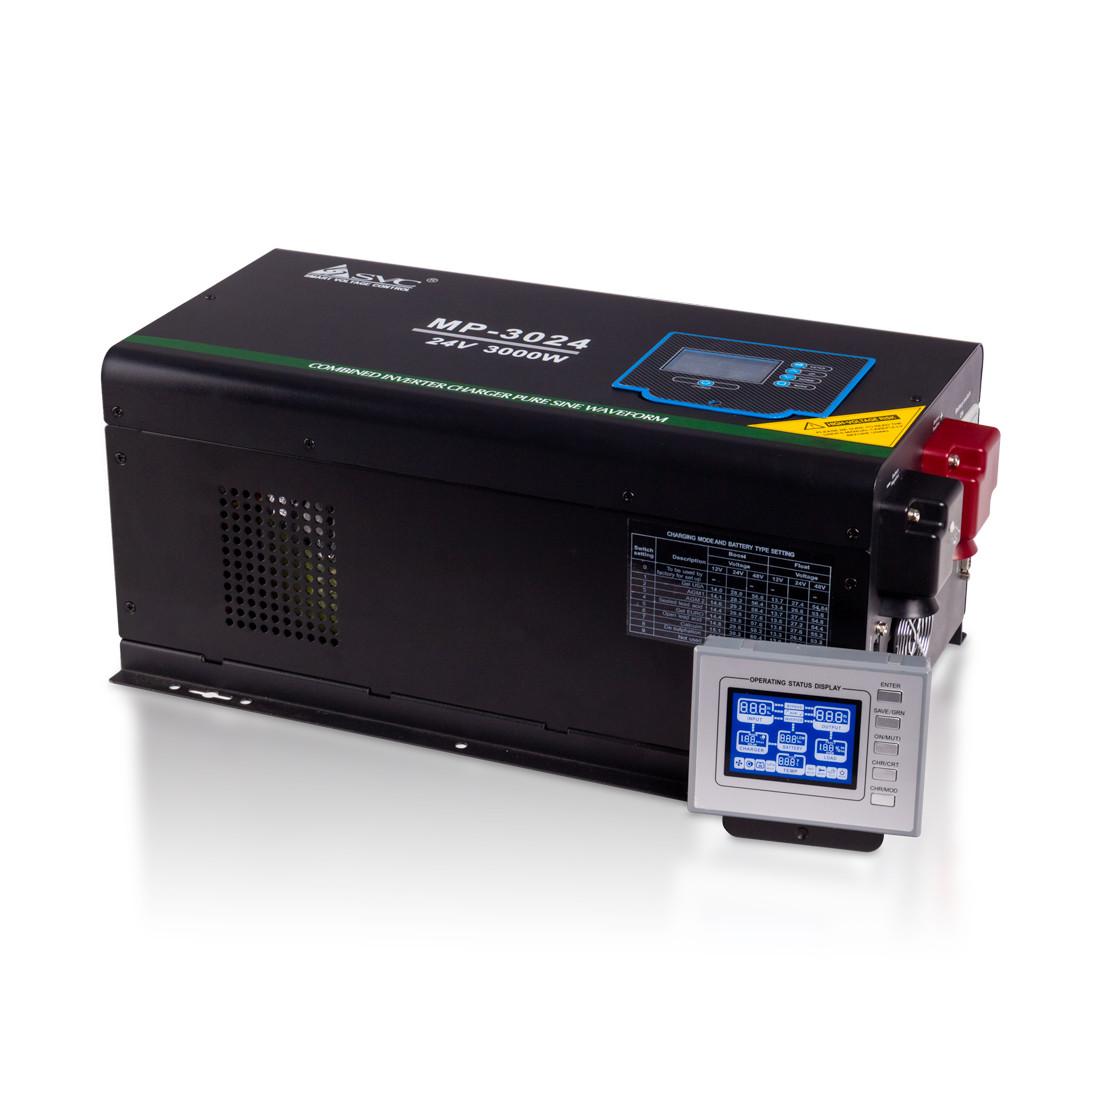 Инвертор, SVC, MP-3024, Мощность 3000ВА/3000Вт, Рабочее напряжение: 160-265B, Вход 24В/220В, Выход 2